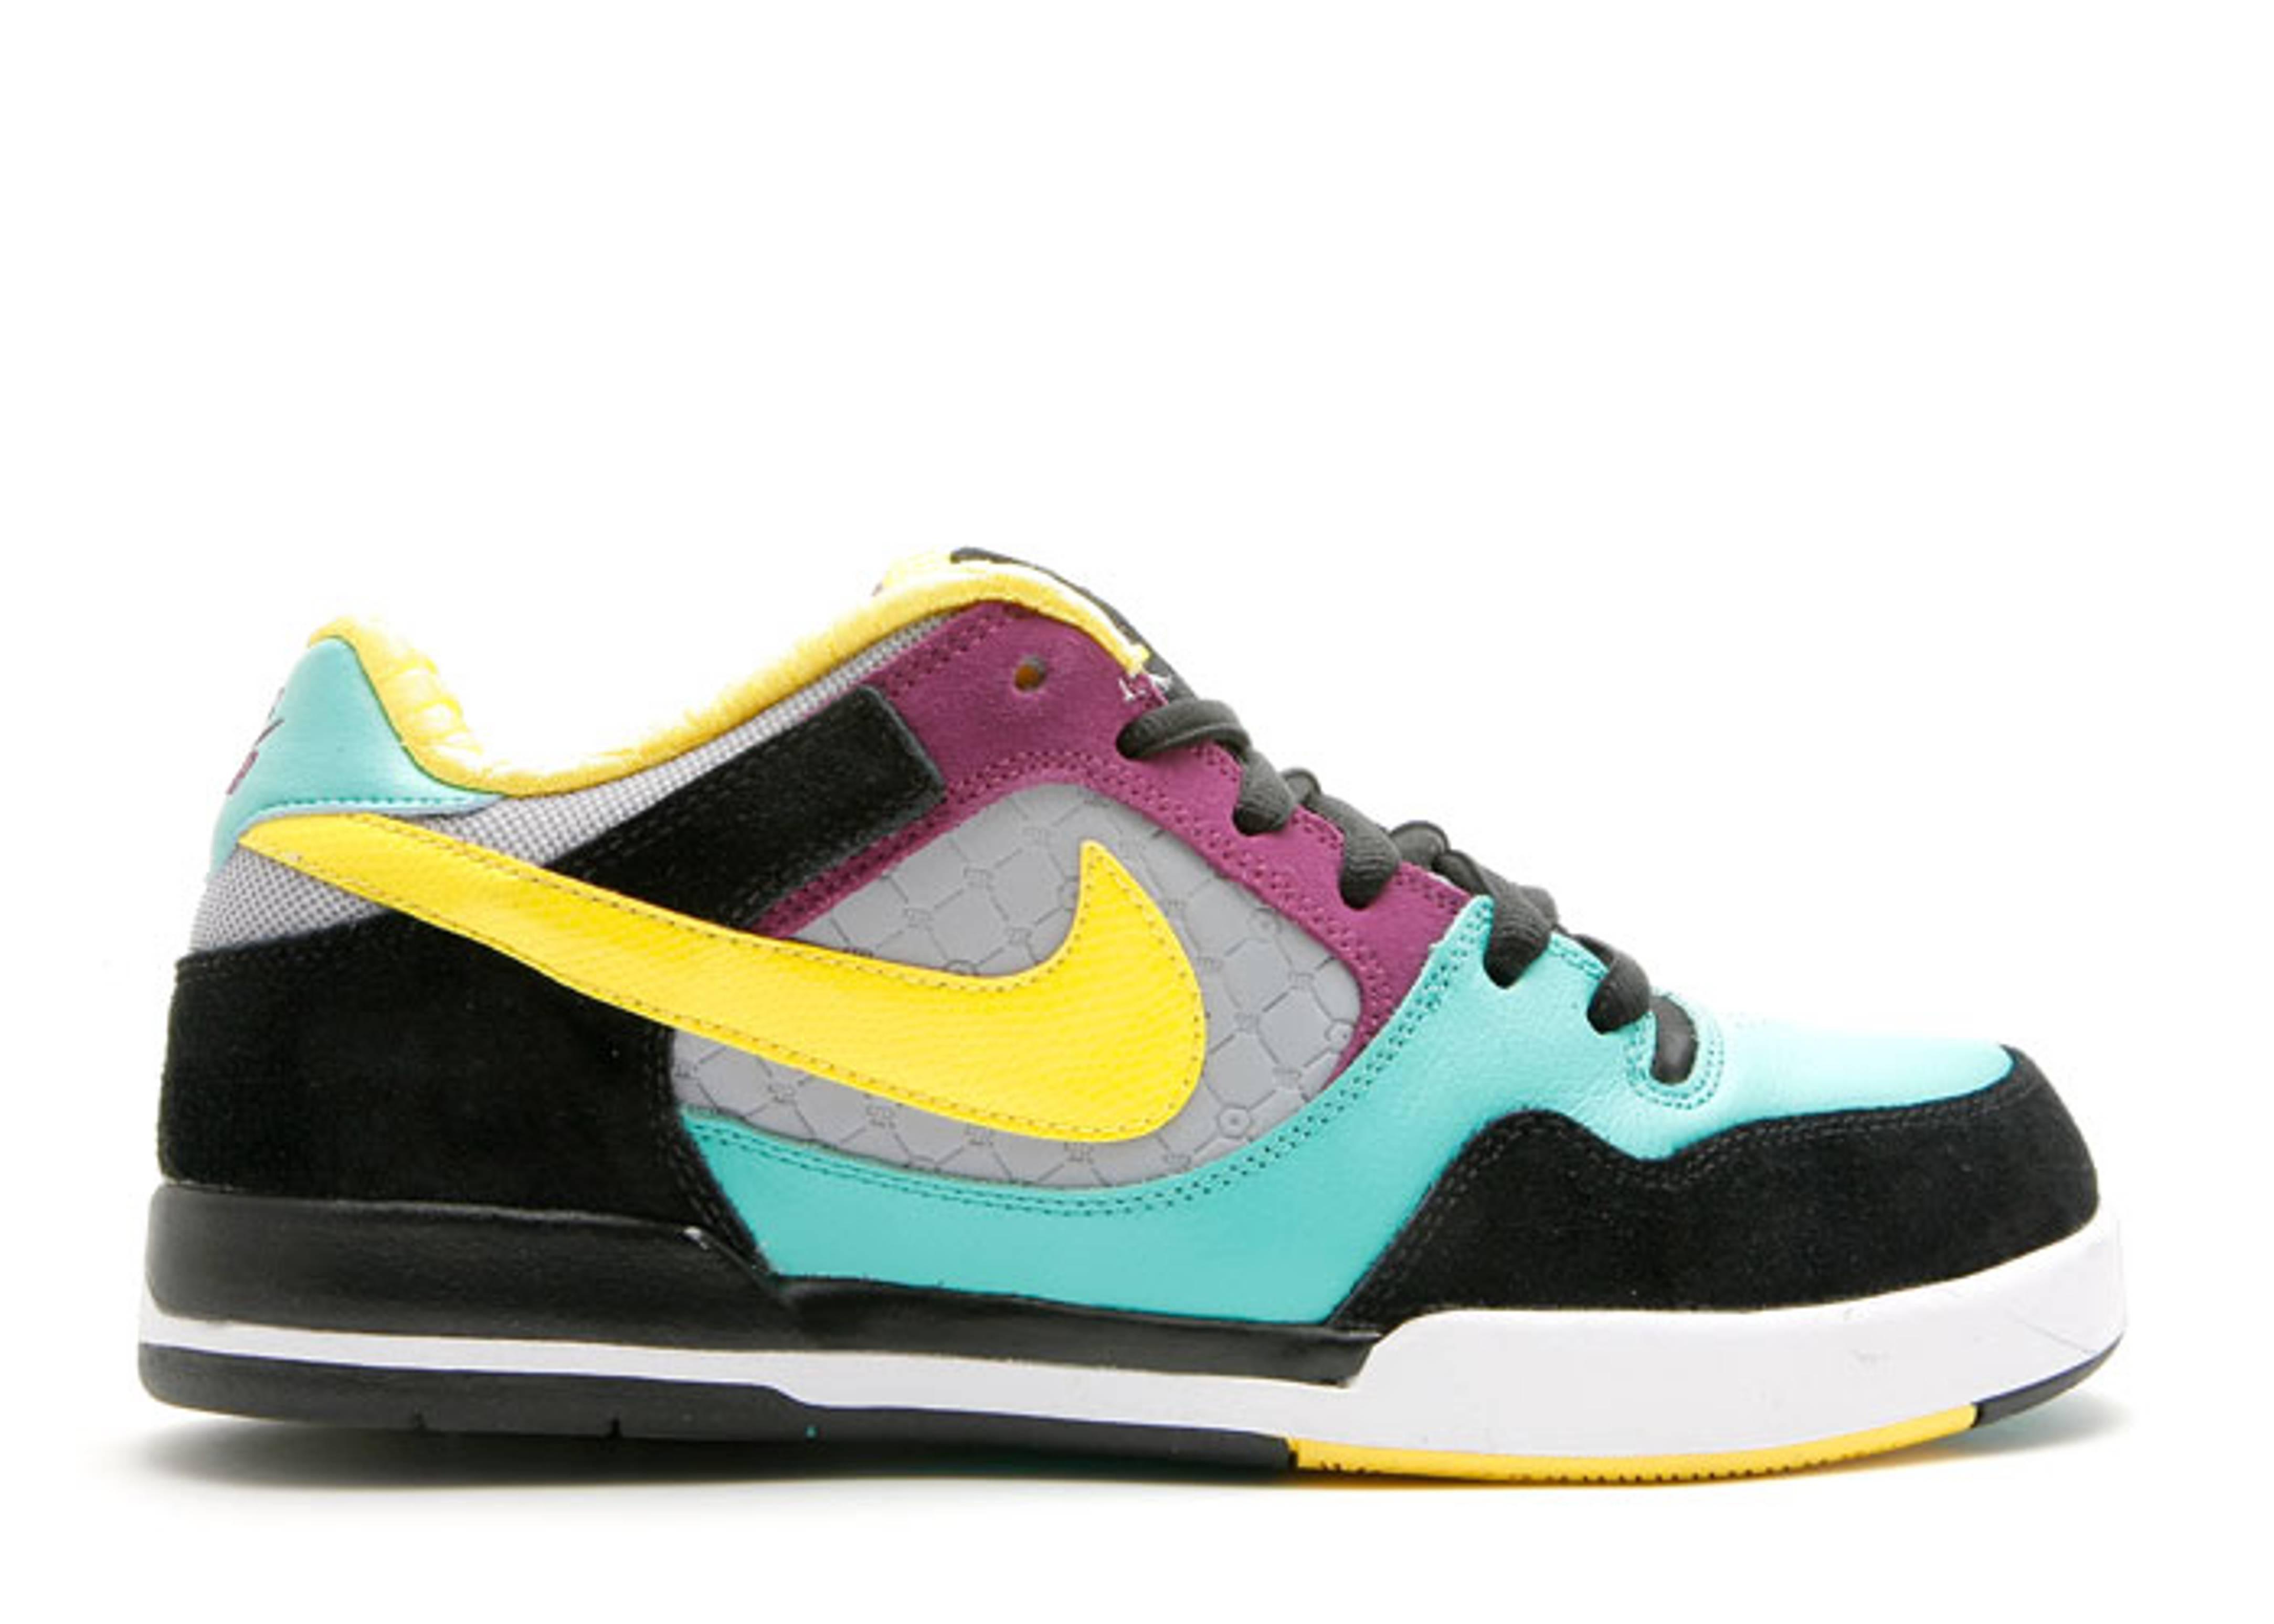 ae97d03302af Paul Rodriguez 2 Zoom Air - Nike - 315459 073 - lt steel- grey zest ...